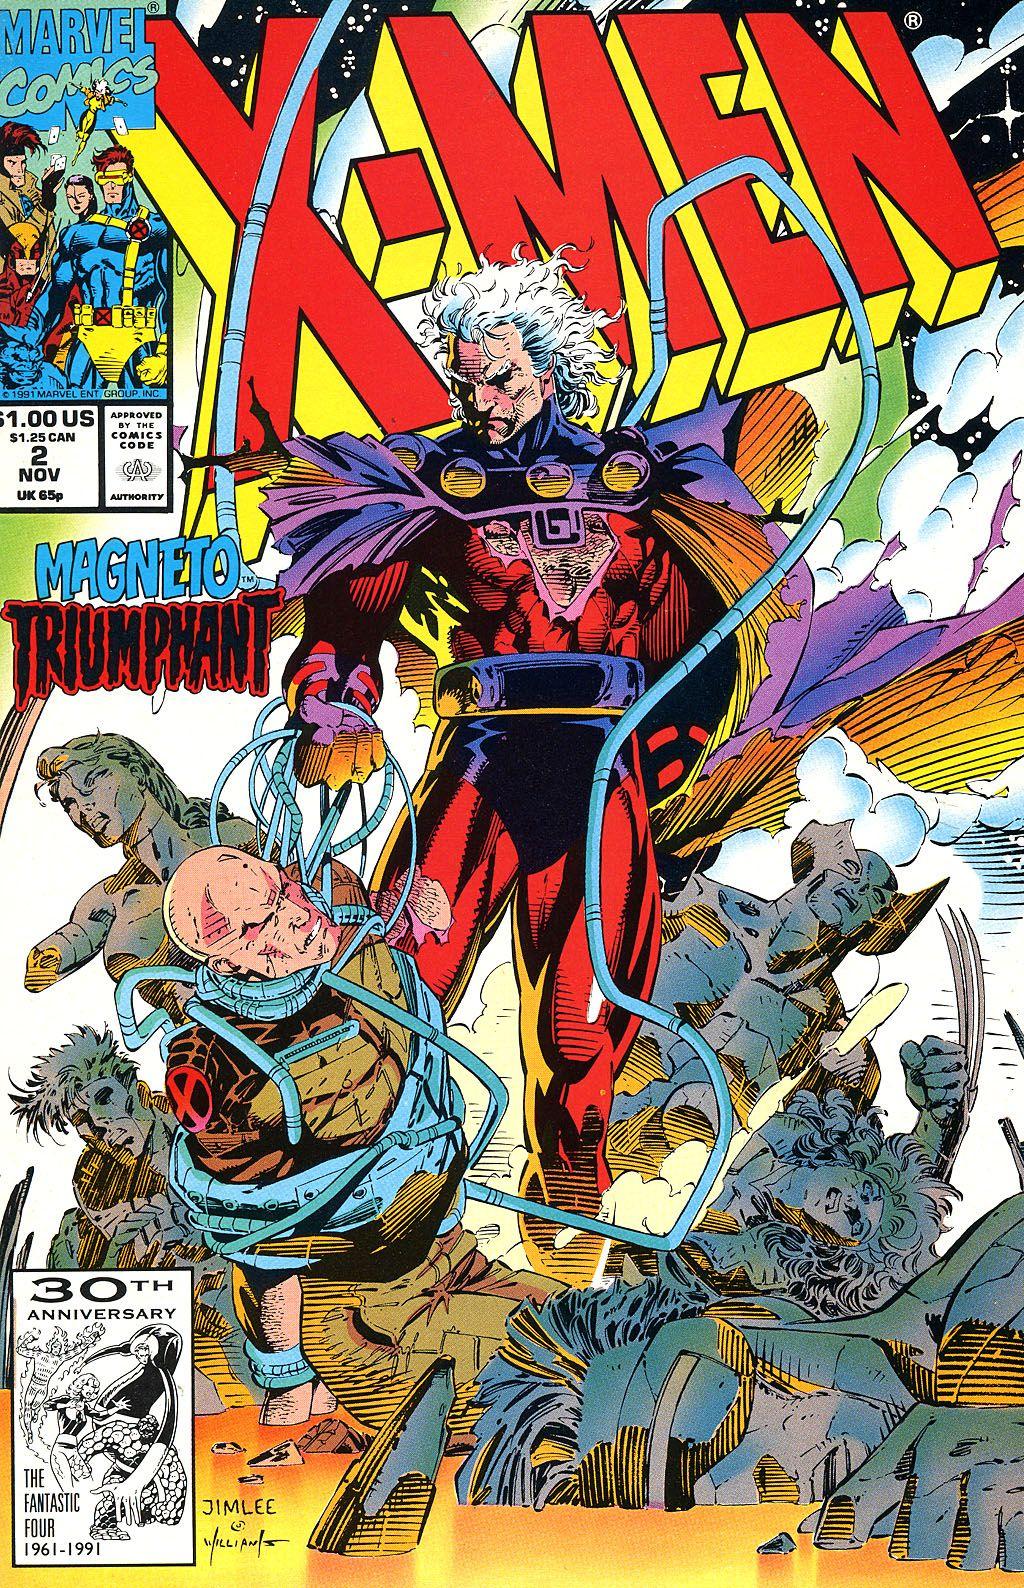 X Men 2 Comic X-Men Vol. 2 #1 (Novem...